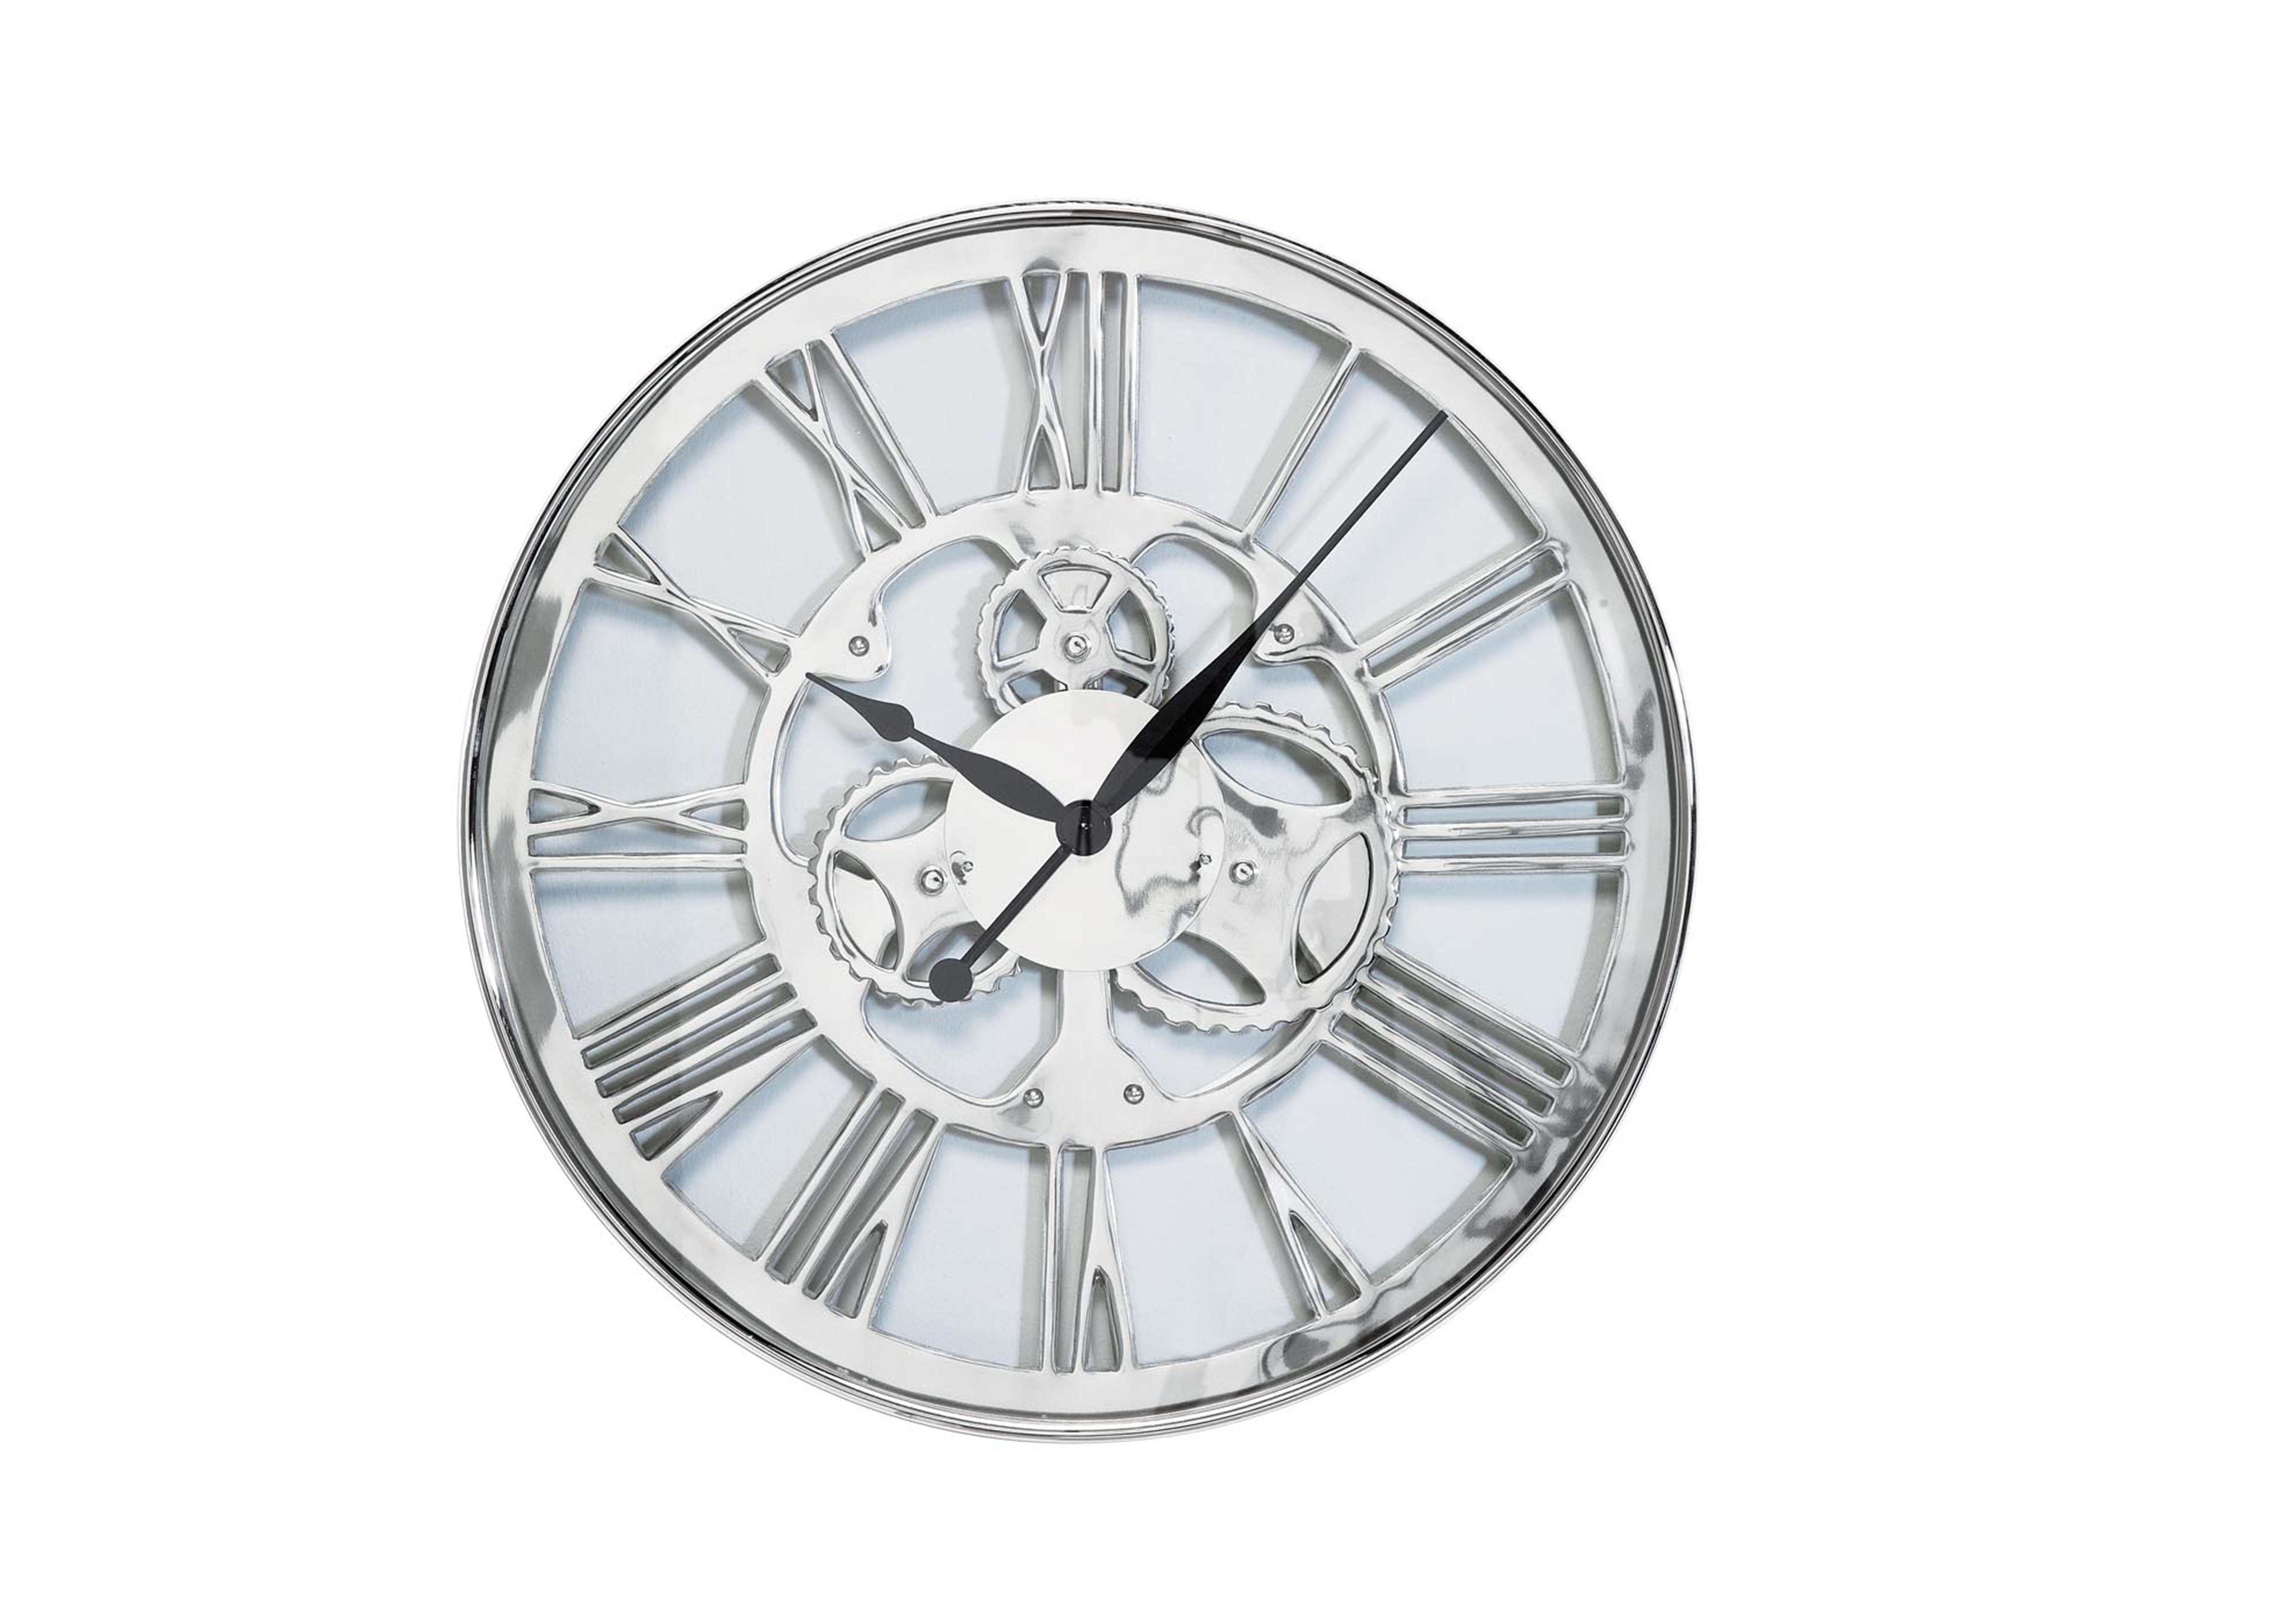 Wanduhr Wall Clock